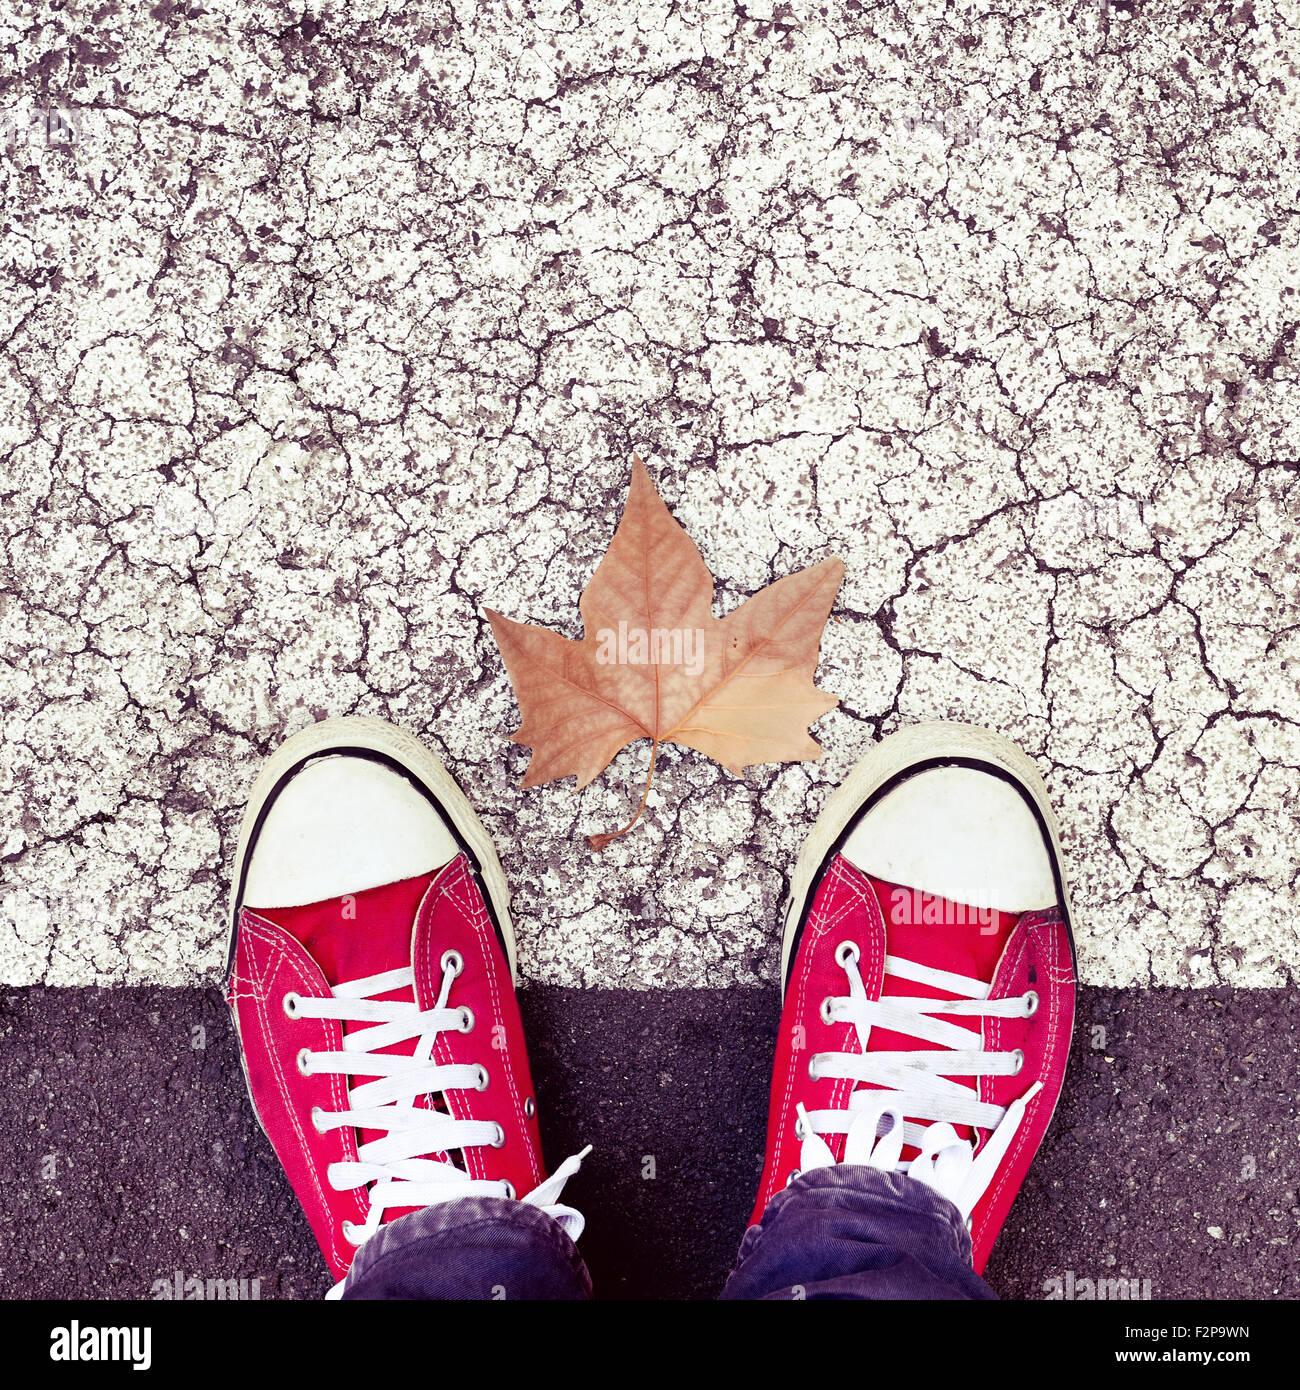 Alta angolazione di una foglia secca e i piedi di un uomo che indossa red sneakers sull'asfalto Foto Stock